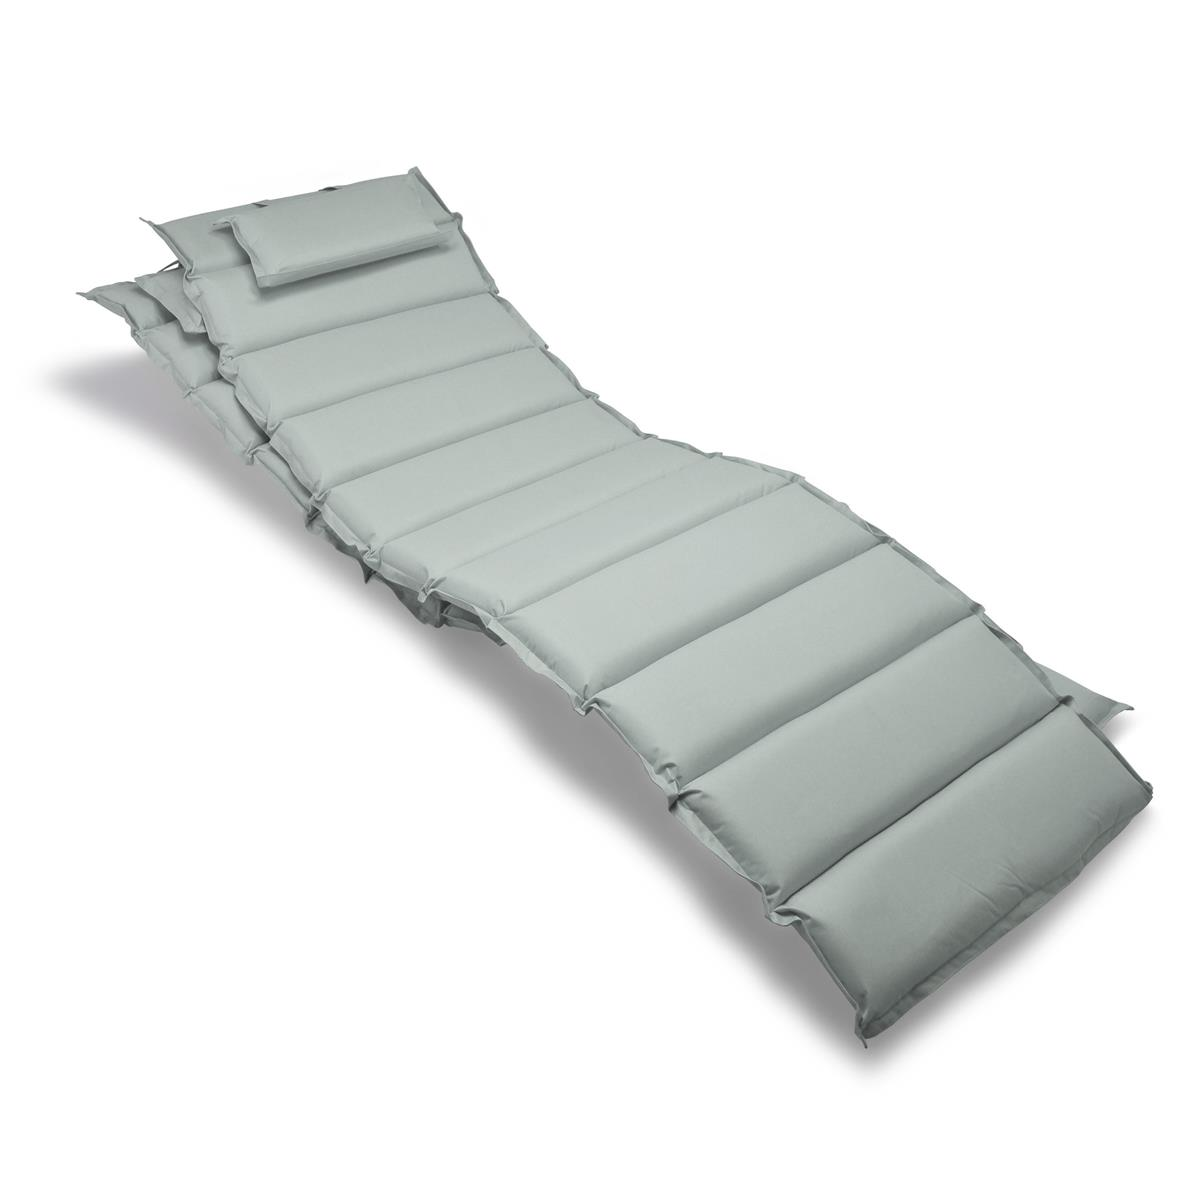 Divero 2x Liegenauflage Polster Kopfkissen für Garten Terrasse gesteppt grau